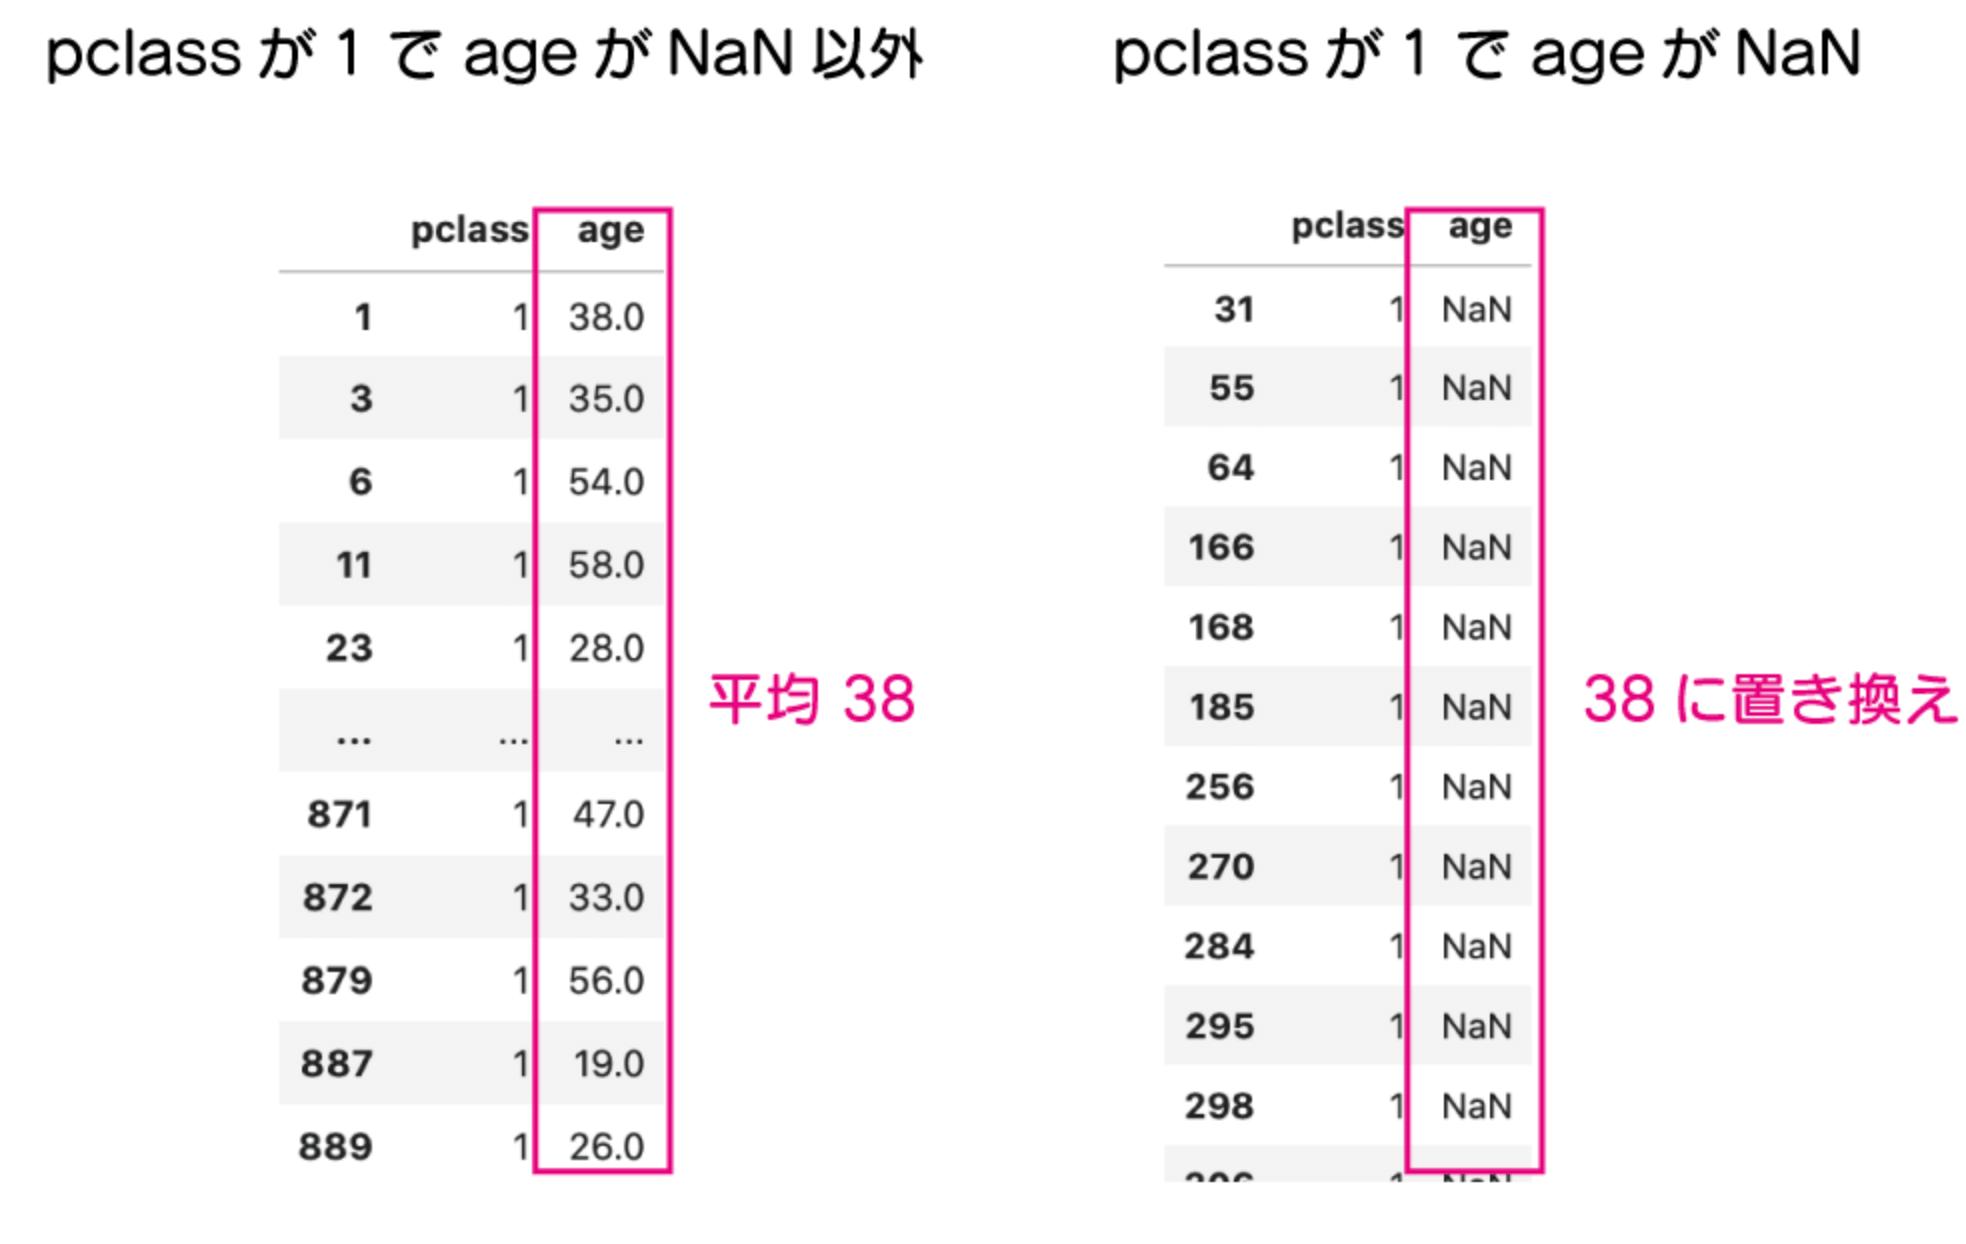 pandasで欠損値(NaN)数を確認、削除、置換する方法 「pclass が1で age が NaN となっていないものは age が平均38なので、pclass が1で age が NaN のものを38に置き換えしたい」という事を示した図。